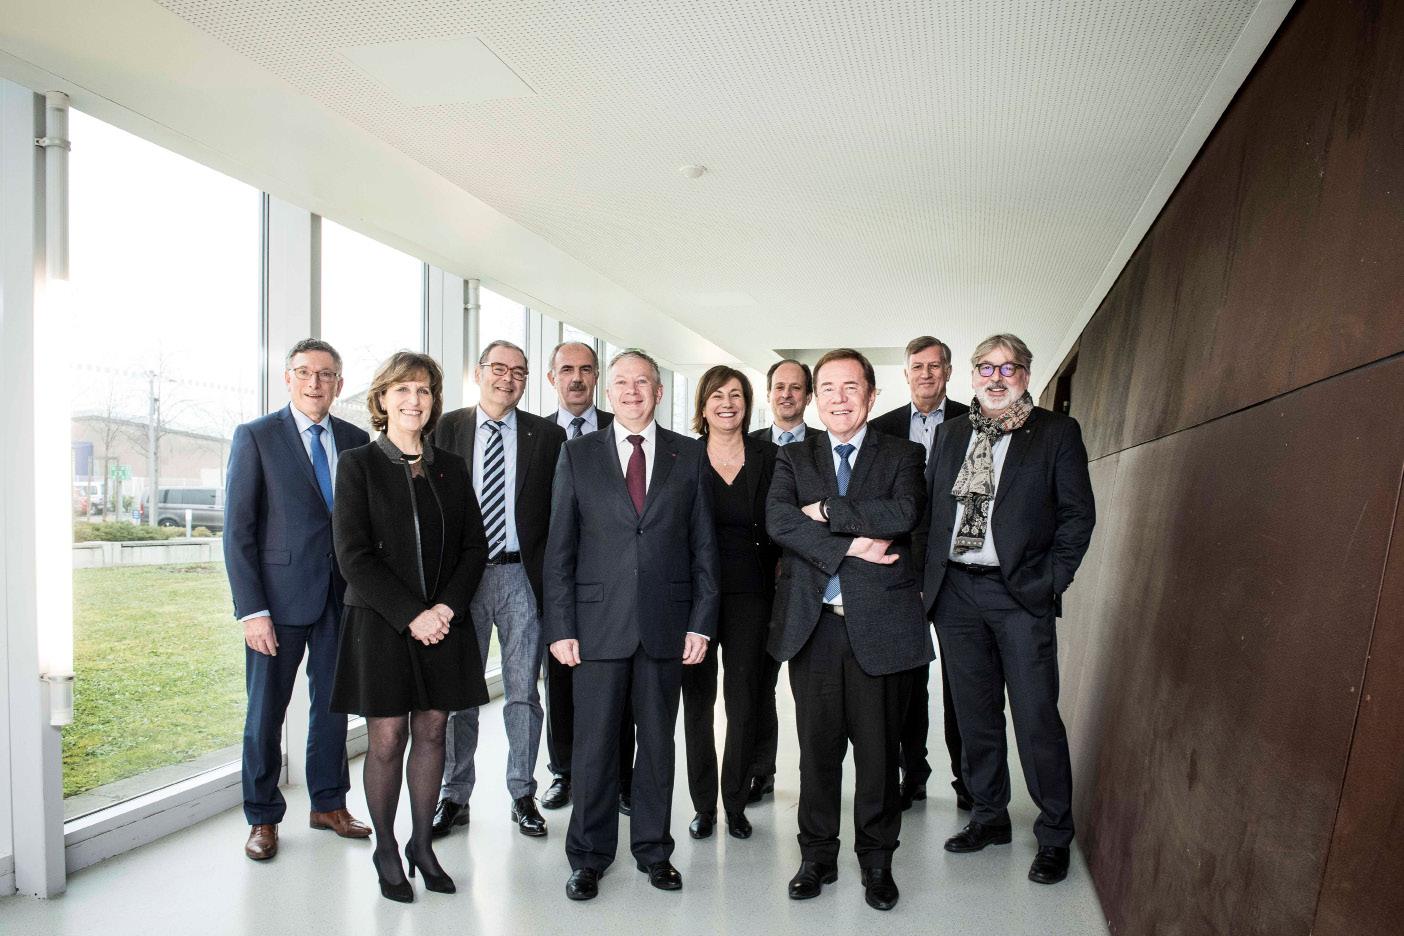 Président de la nouvelle cci alsace eurométropole